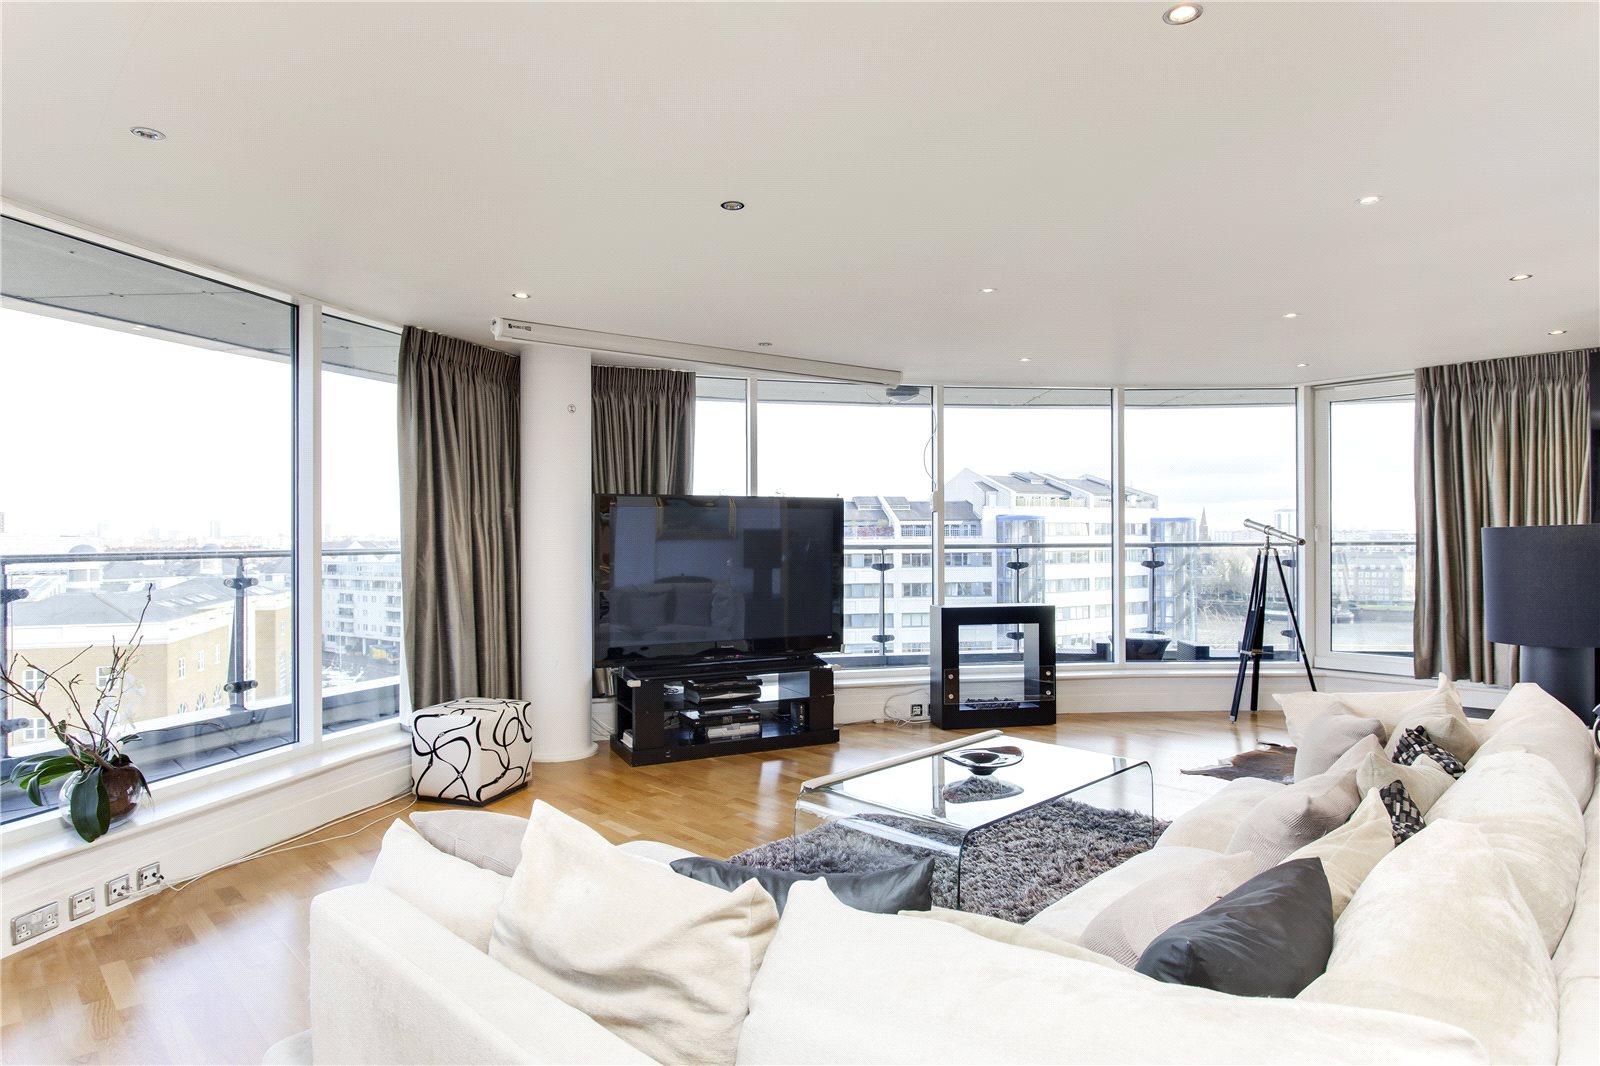 集合住宅 のために 売買 アット Chelsea Vista, The Boulevard, Fulham, London, SW6 Fulham, London, イギリス